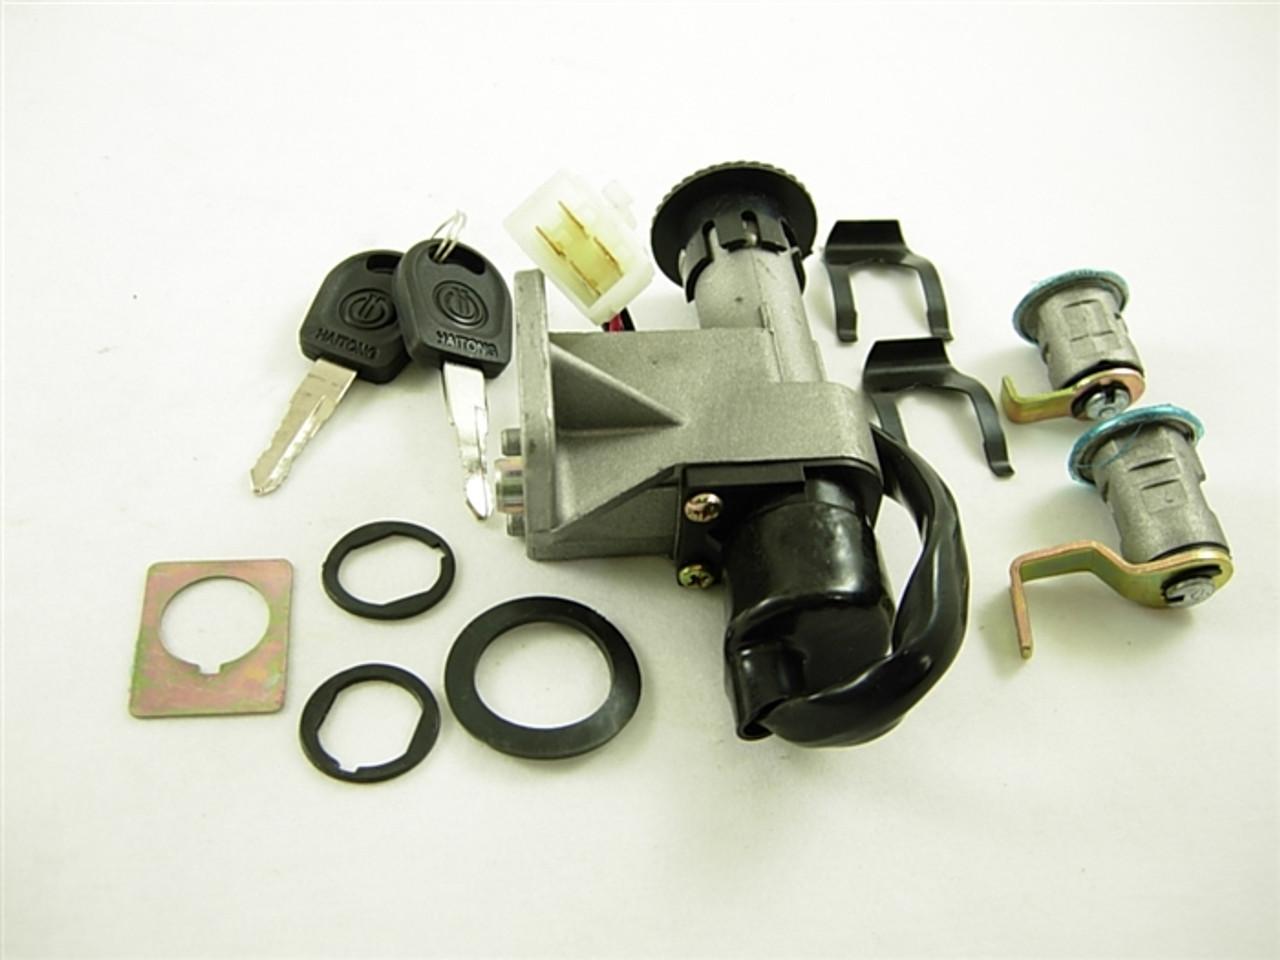 ignition /key switch 11037-a58-11